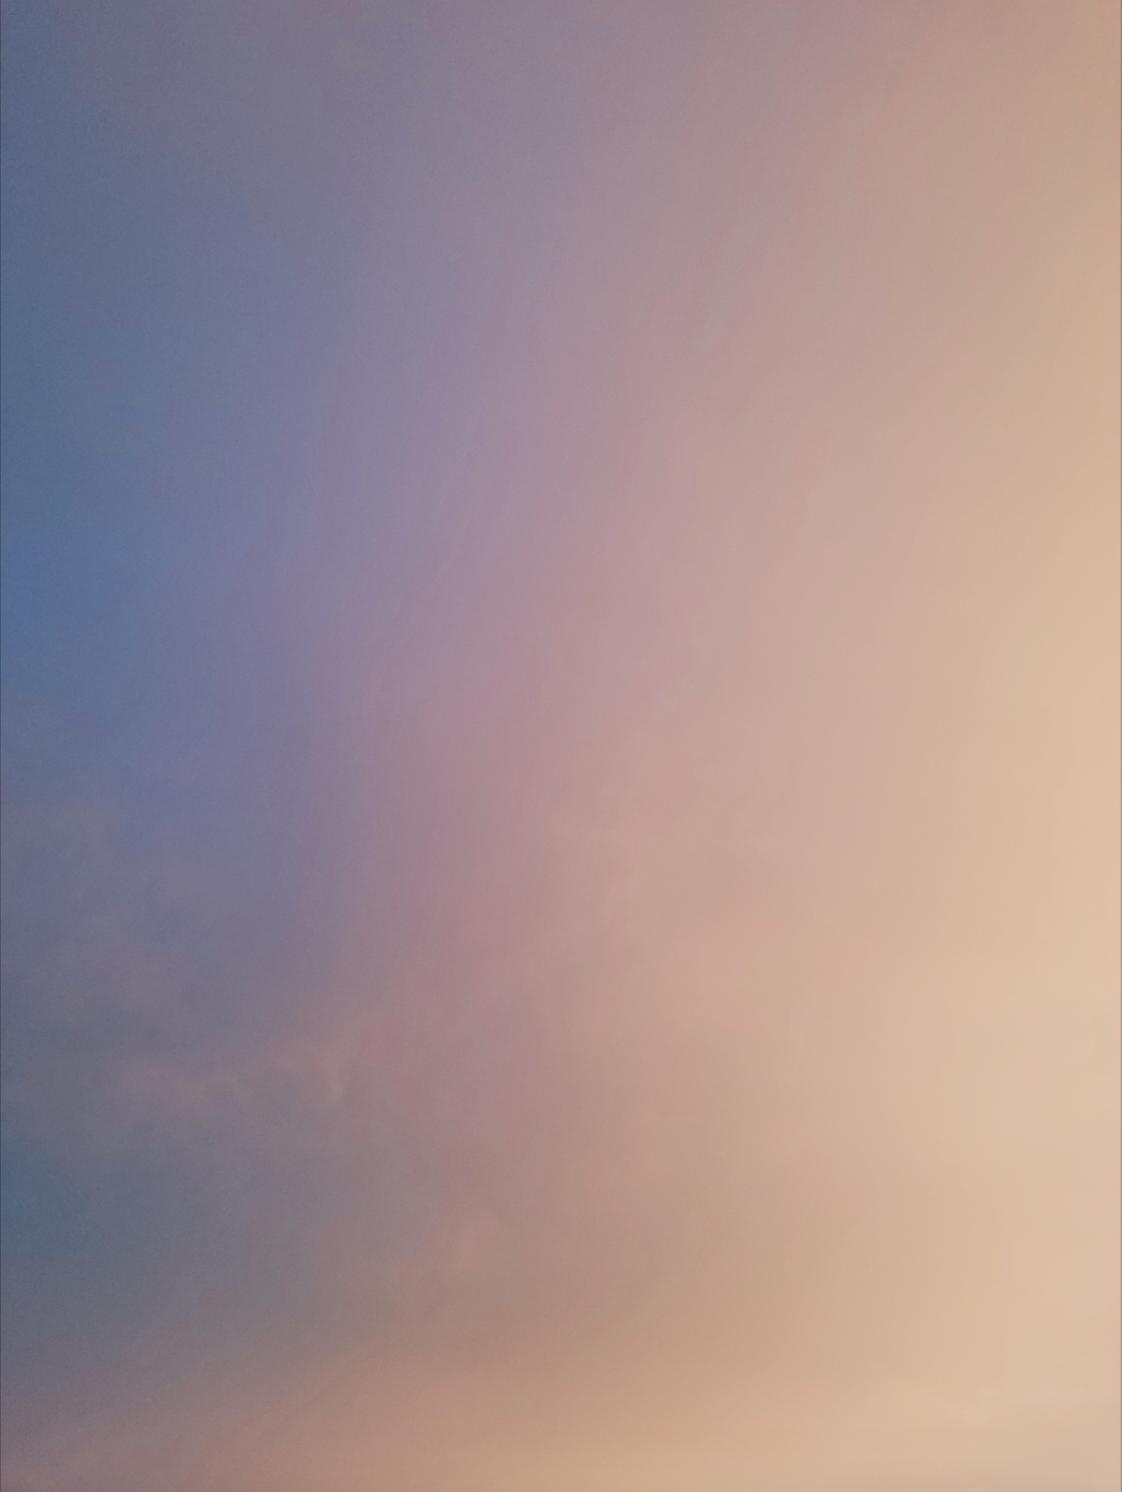 Screen Shot 2019-08-22 at 2.04.08 PM.png